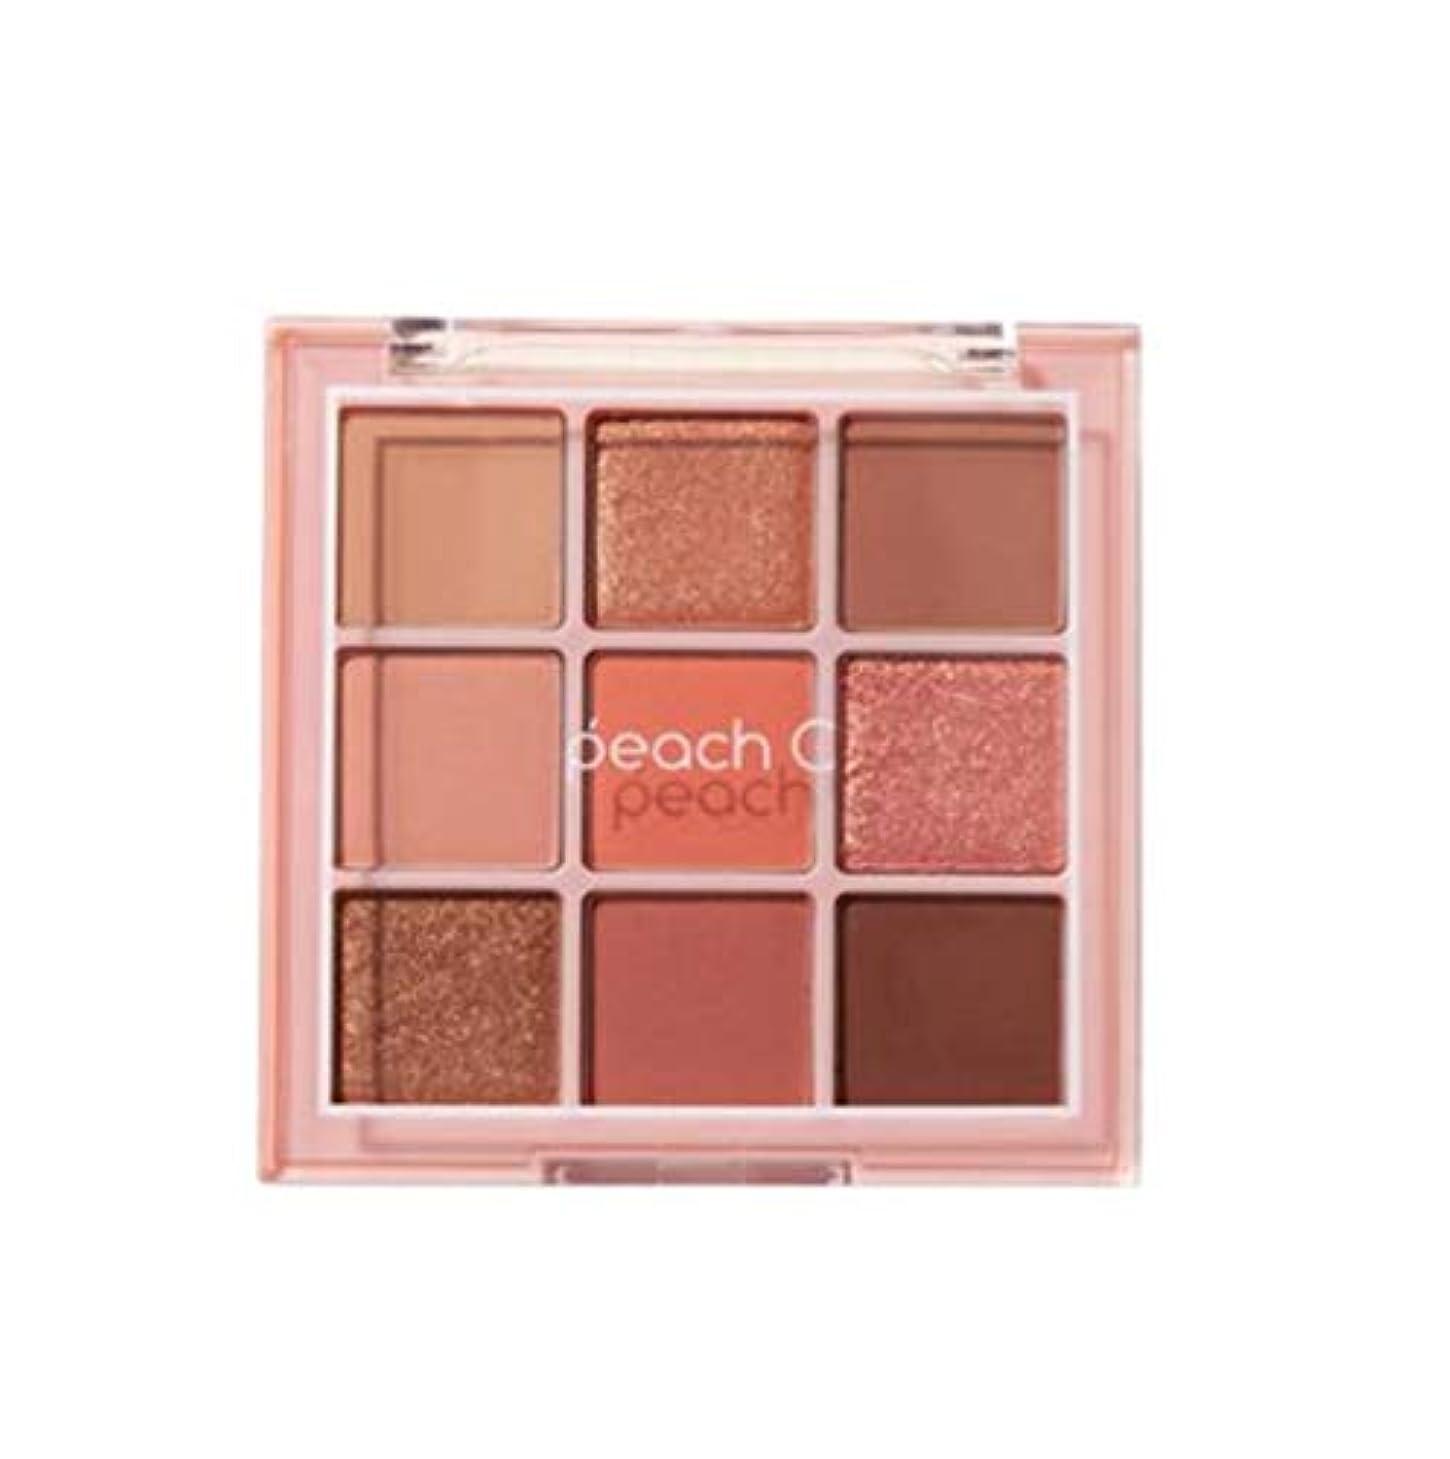 筋肉のラボ最も遠いPeach C Soft Mood Eyeshadow Palette -SOFT CORAL告発色、高密着、告知の中独歩的な高クオリティアイシャドウパレット9color(並行輸入品)